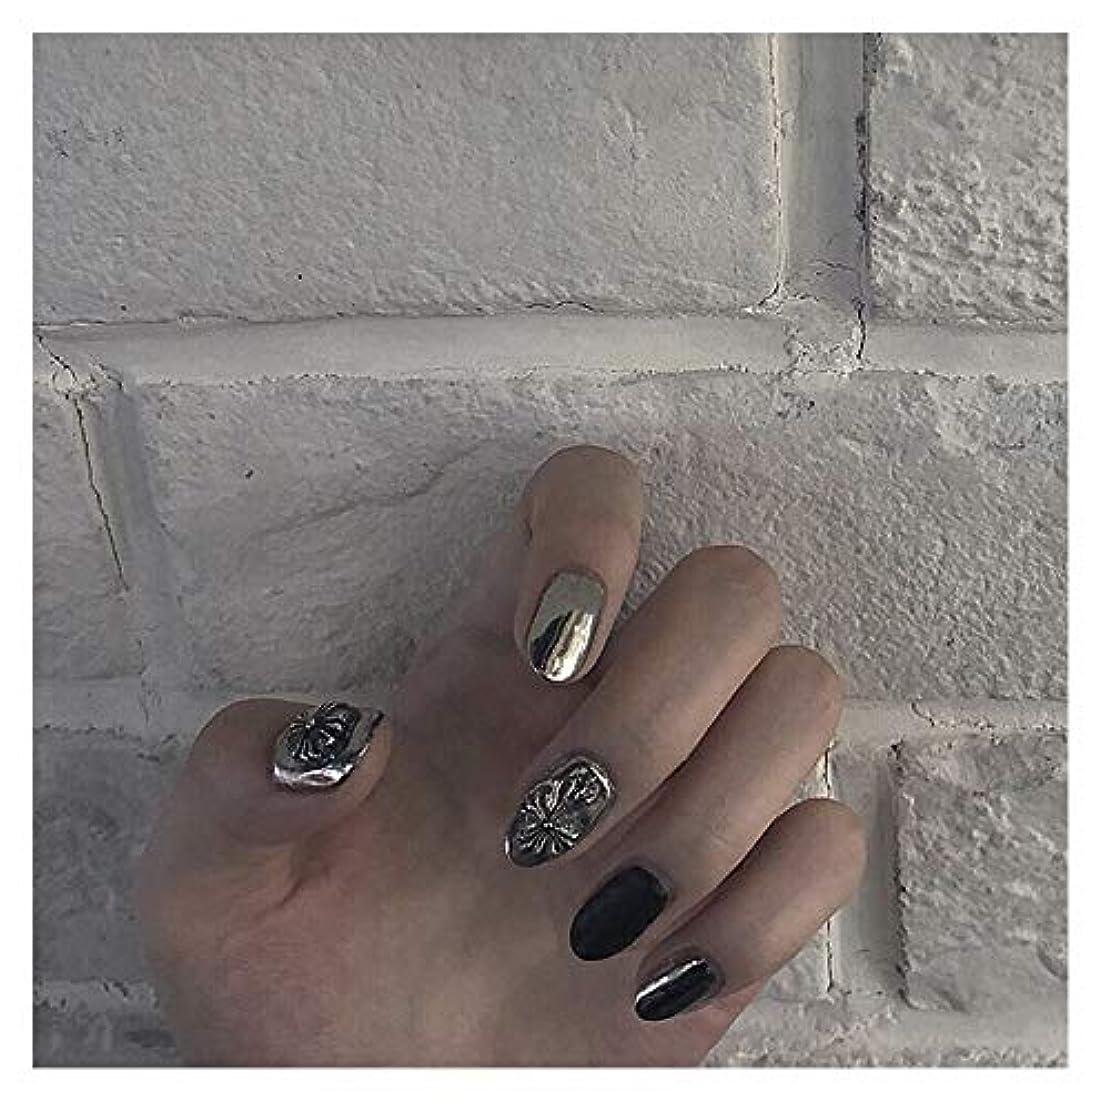 聴覚障害者望まないパンチTAALESET シルバークロスゴススタイルグルーフェイクネイルズファッション単一製品アクセサリーラウンドネイルズ光沢のあるシルバー+ブラック (色 : 24 pieces)